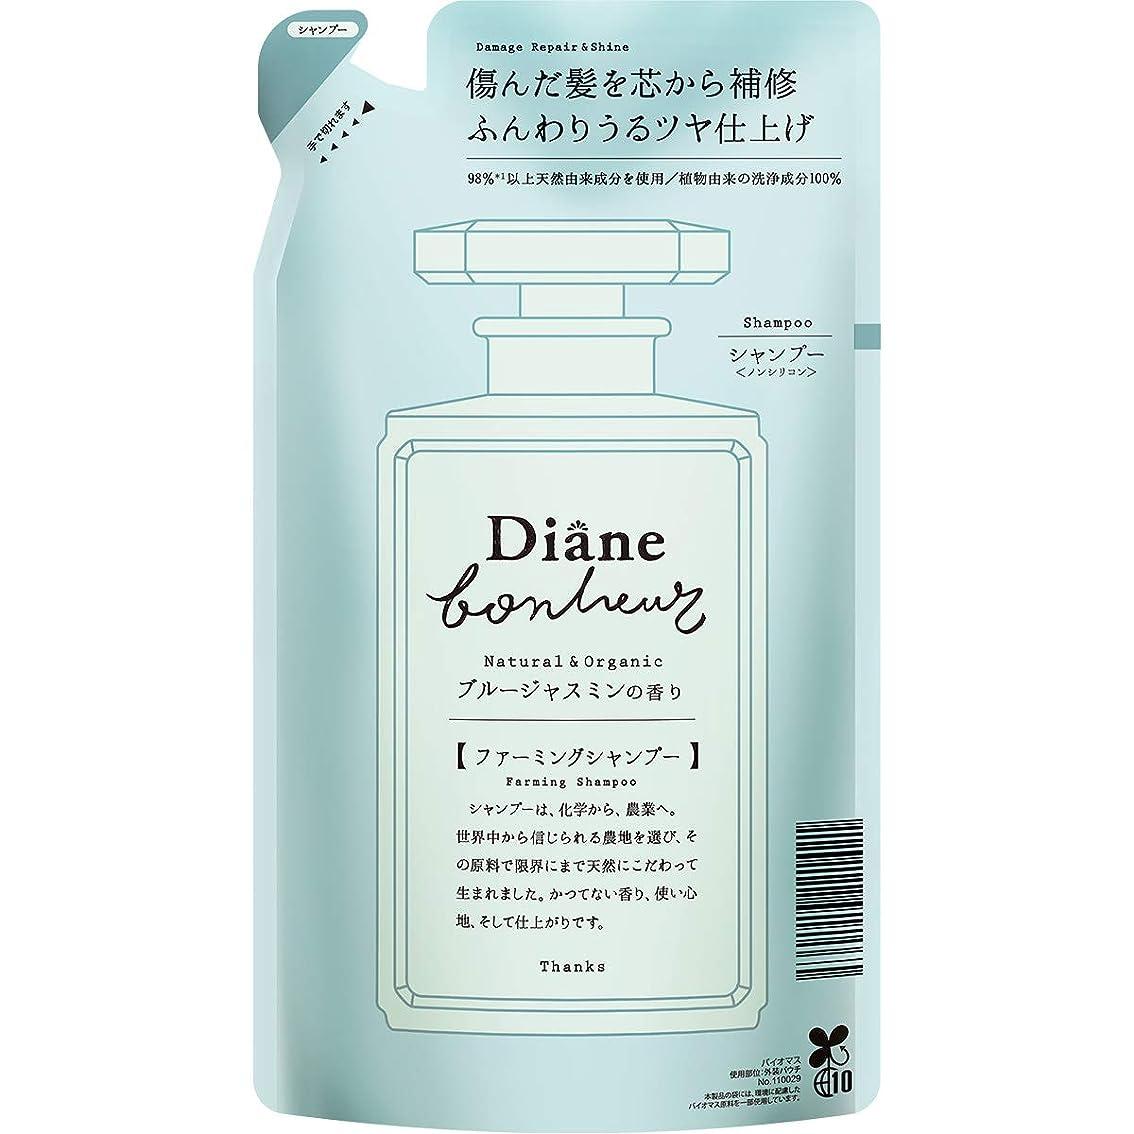 熱意拷問拍車ダイアン ボヌール シャンプー ブルージャスミンの香り ダメージリペア&シャイン 詰め替え 400ml